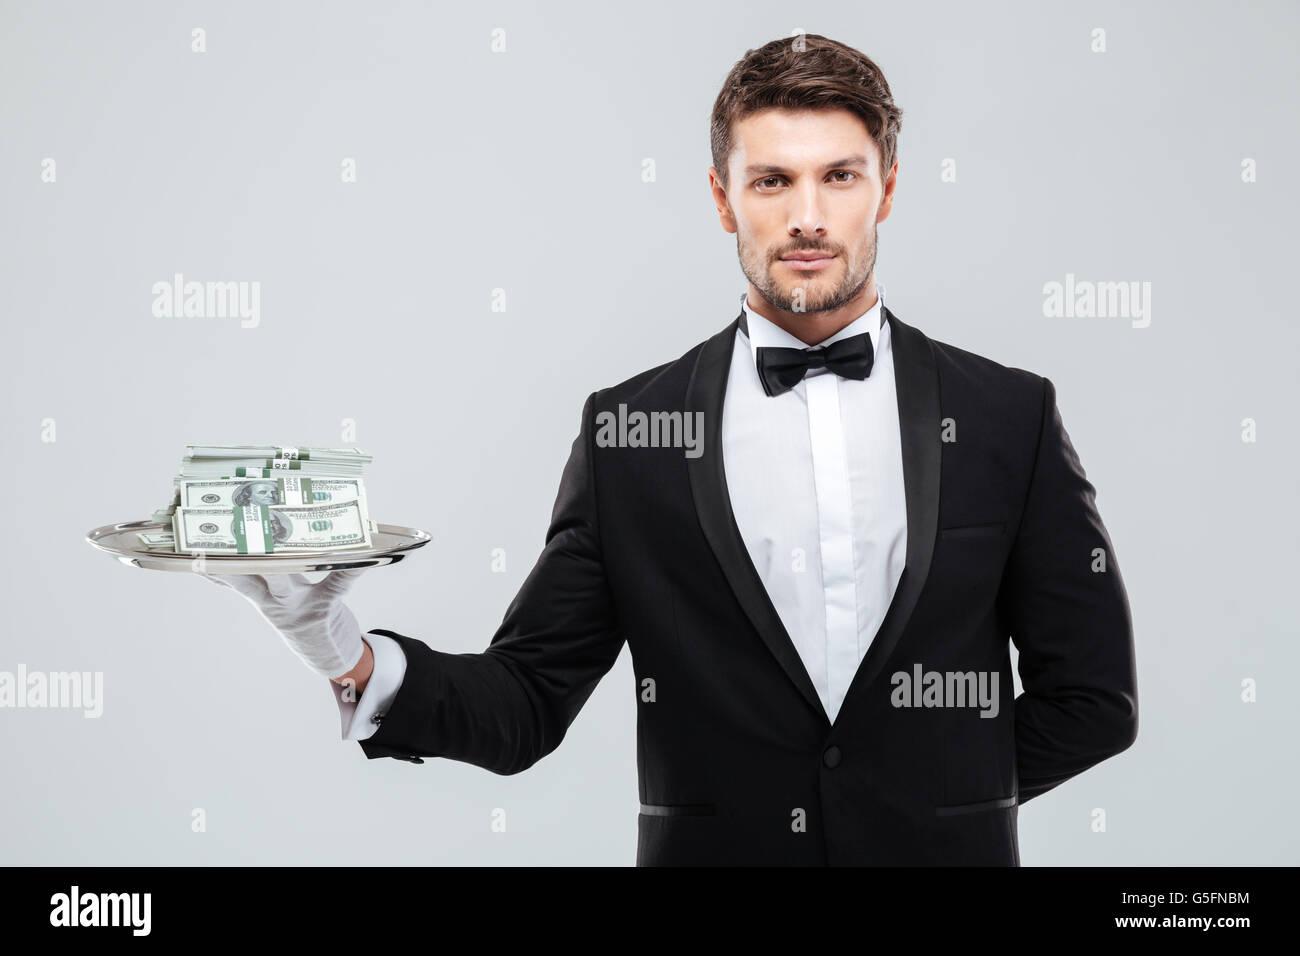 Hübscher junge Kellner im Smoking stehen und halten Geld auf Tablett Stockfoto